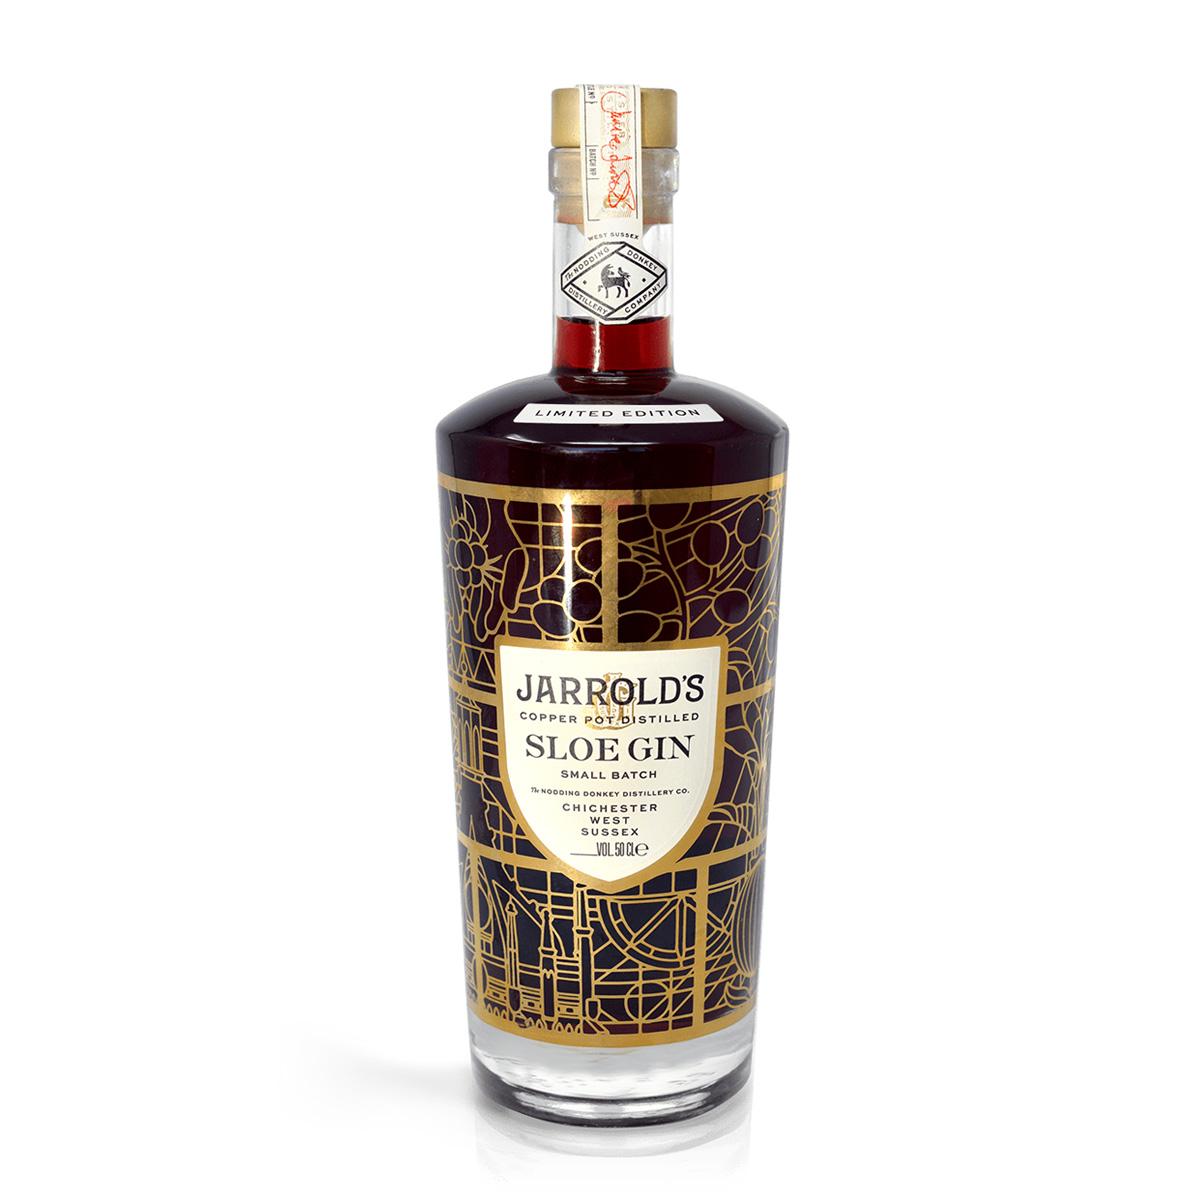 Jarrold's Sloe Gin